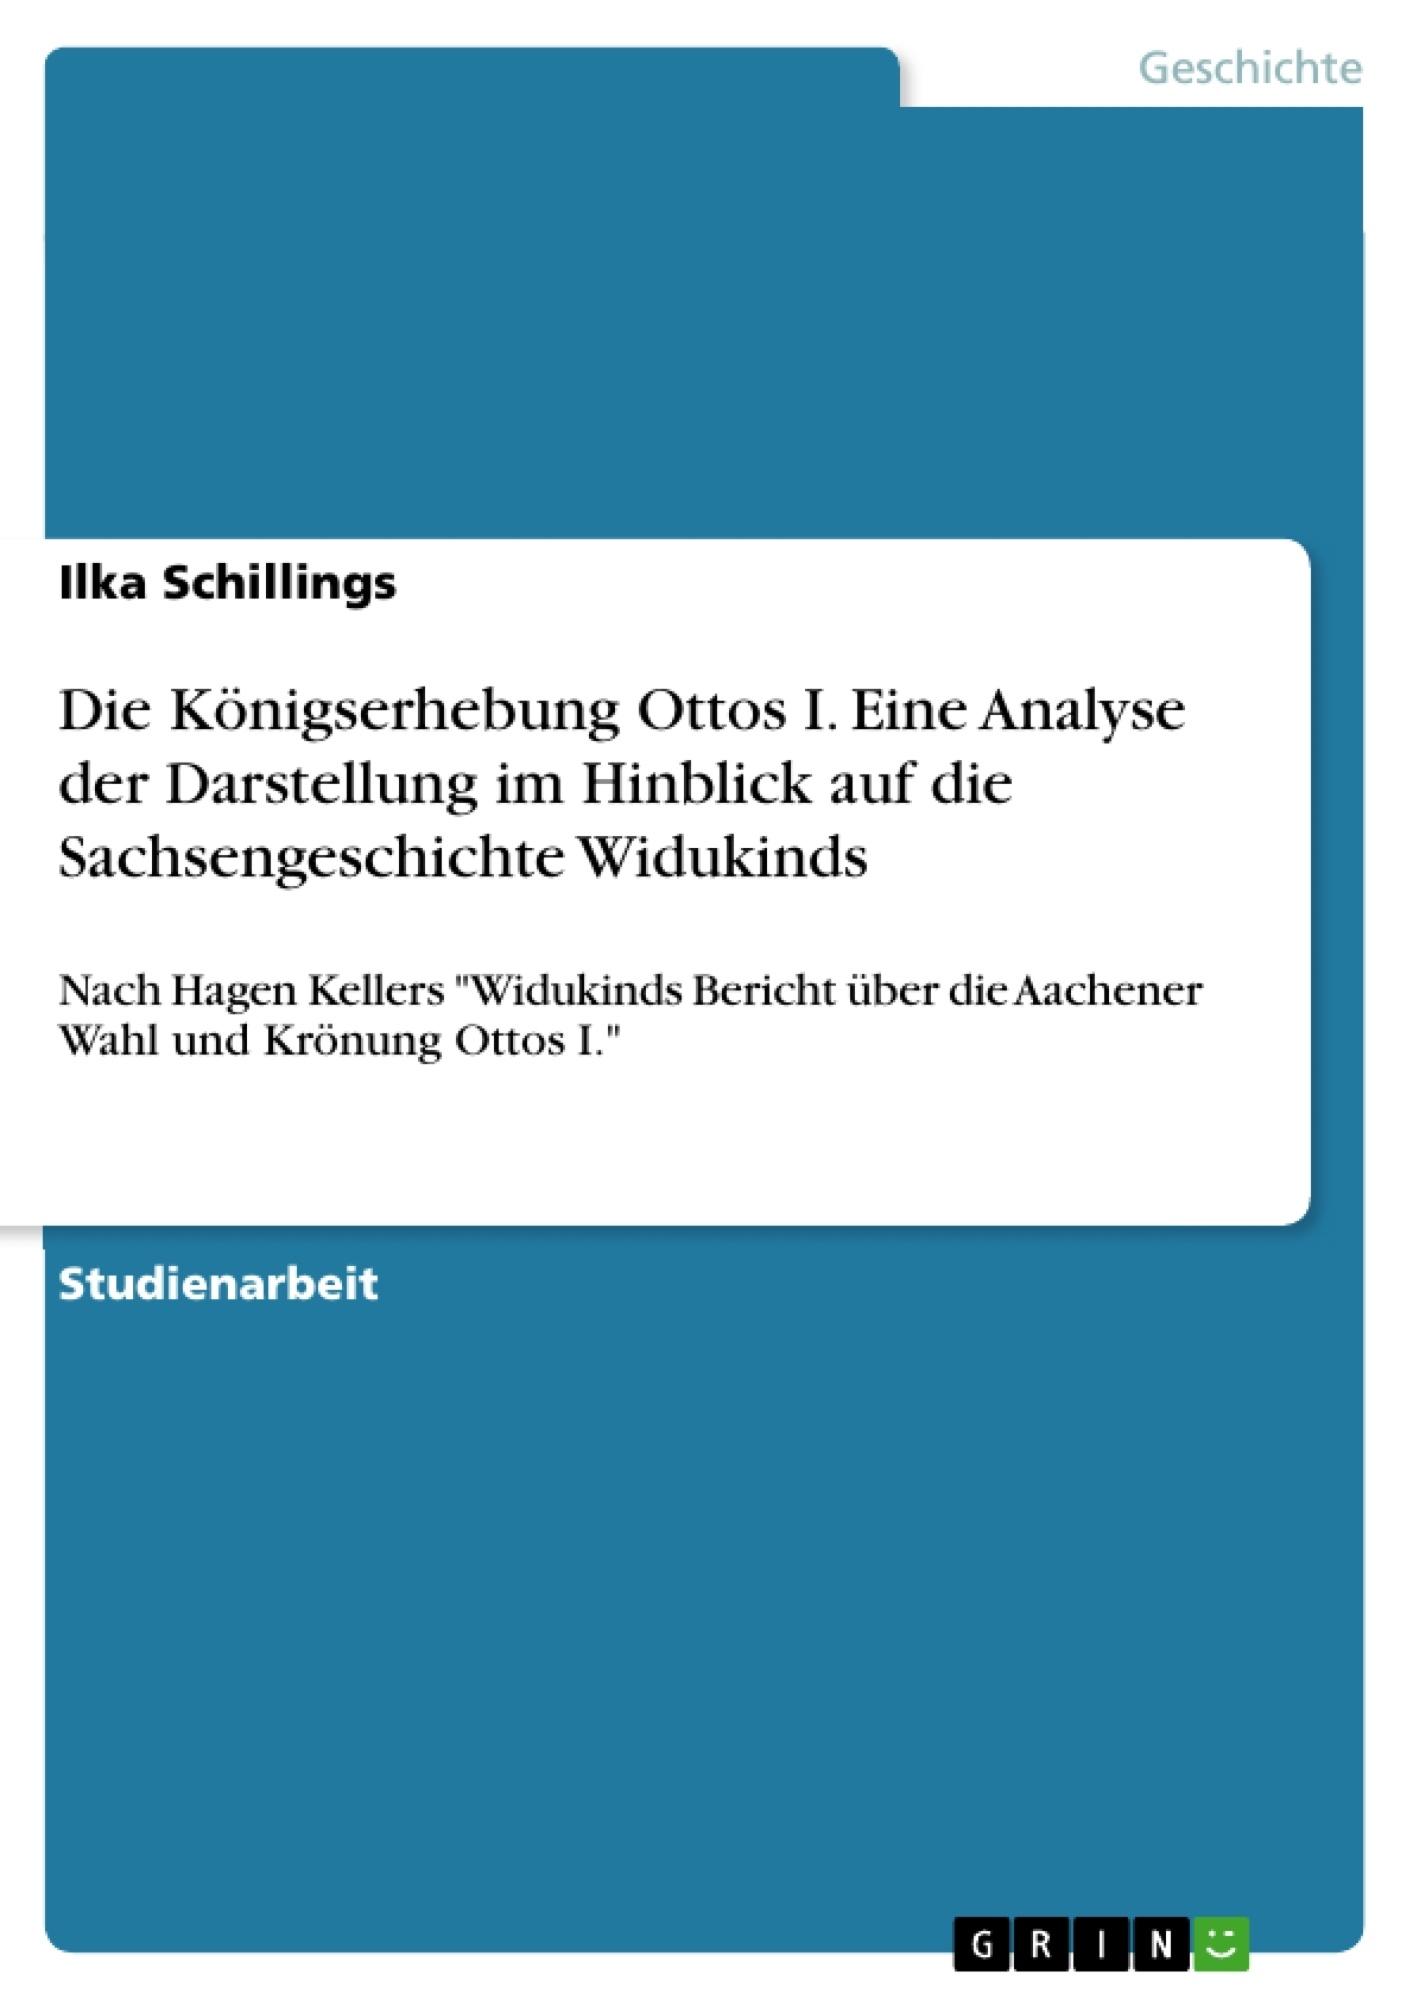 Titel: Die Königserhebung Ottos I. Eine Analyse der Darstellung im Hinblick auf die Sachsengeschichte Widukinds